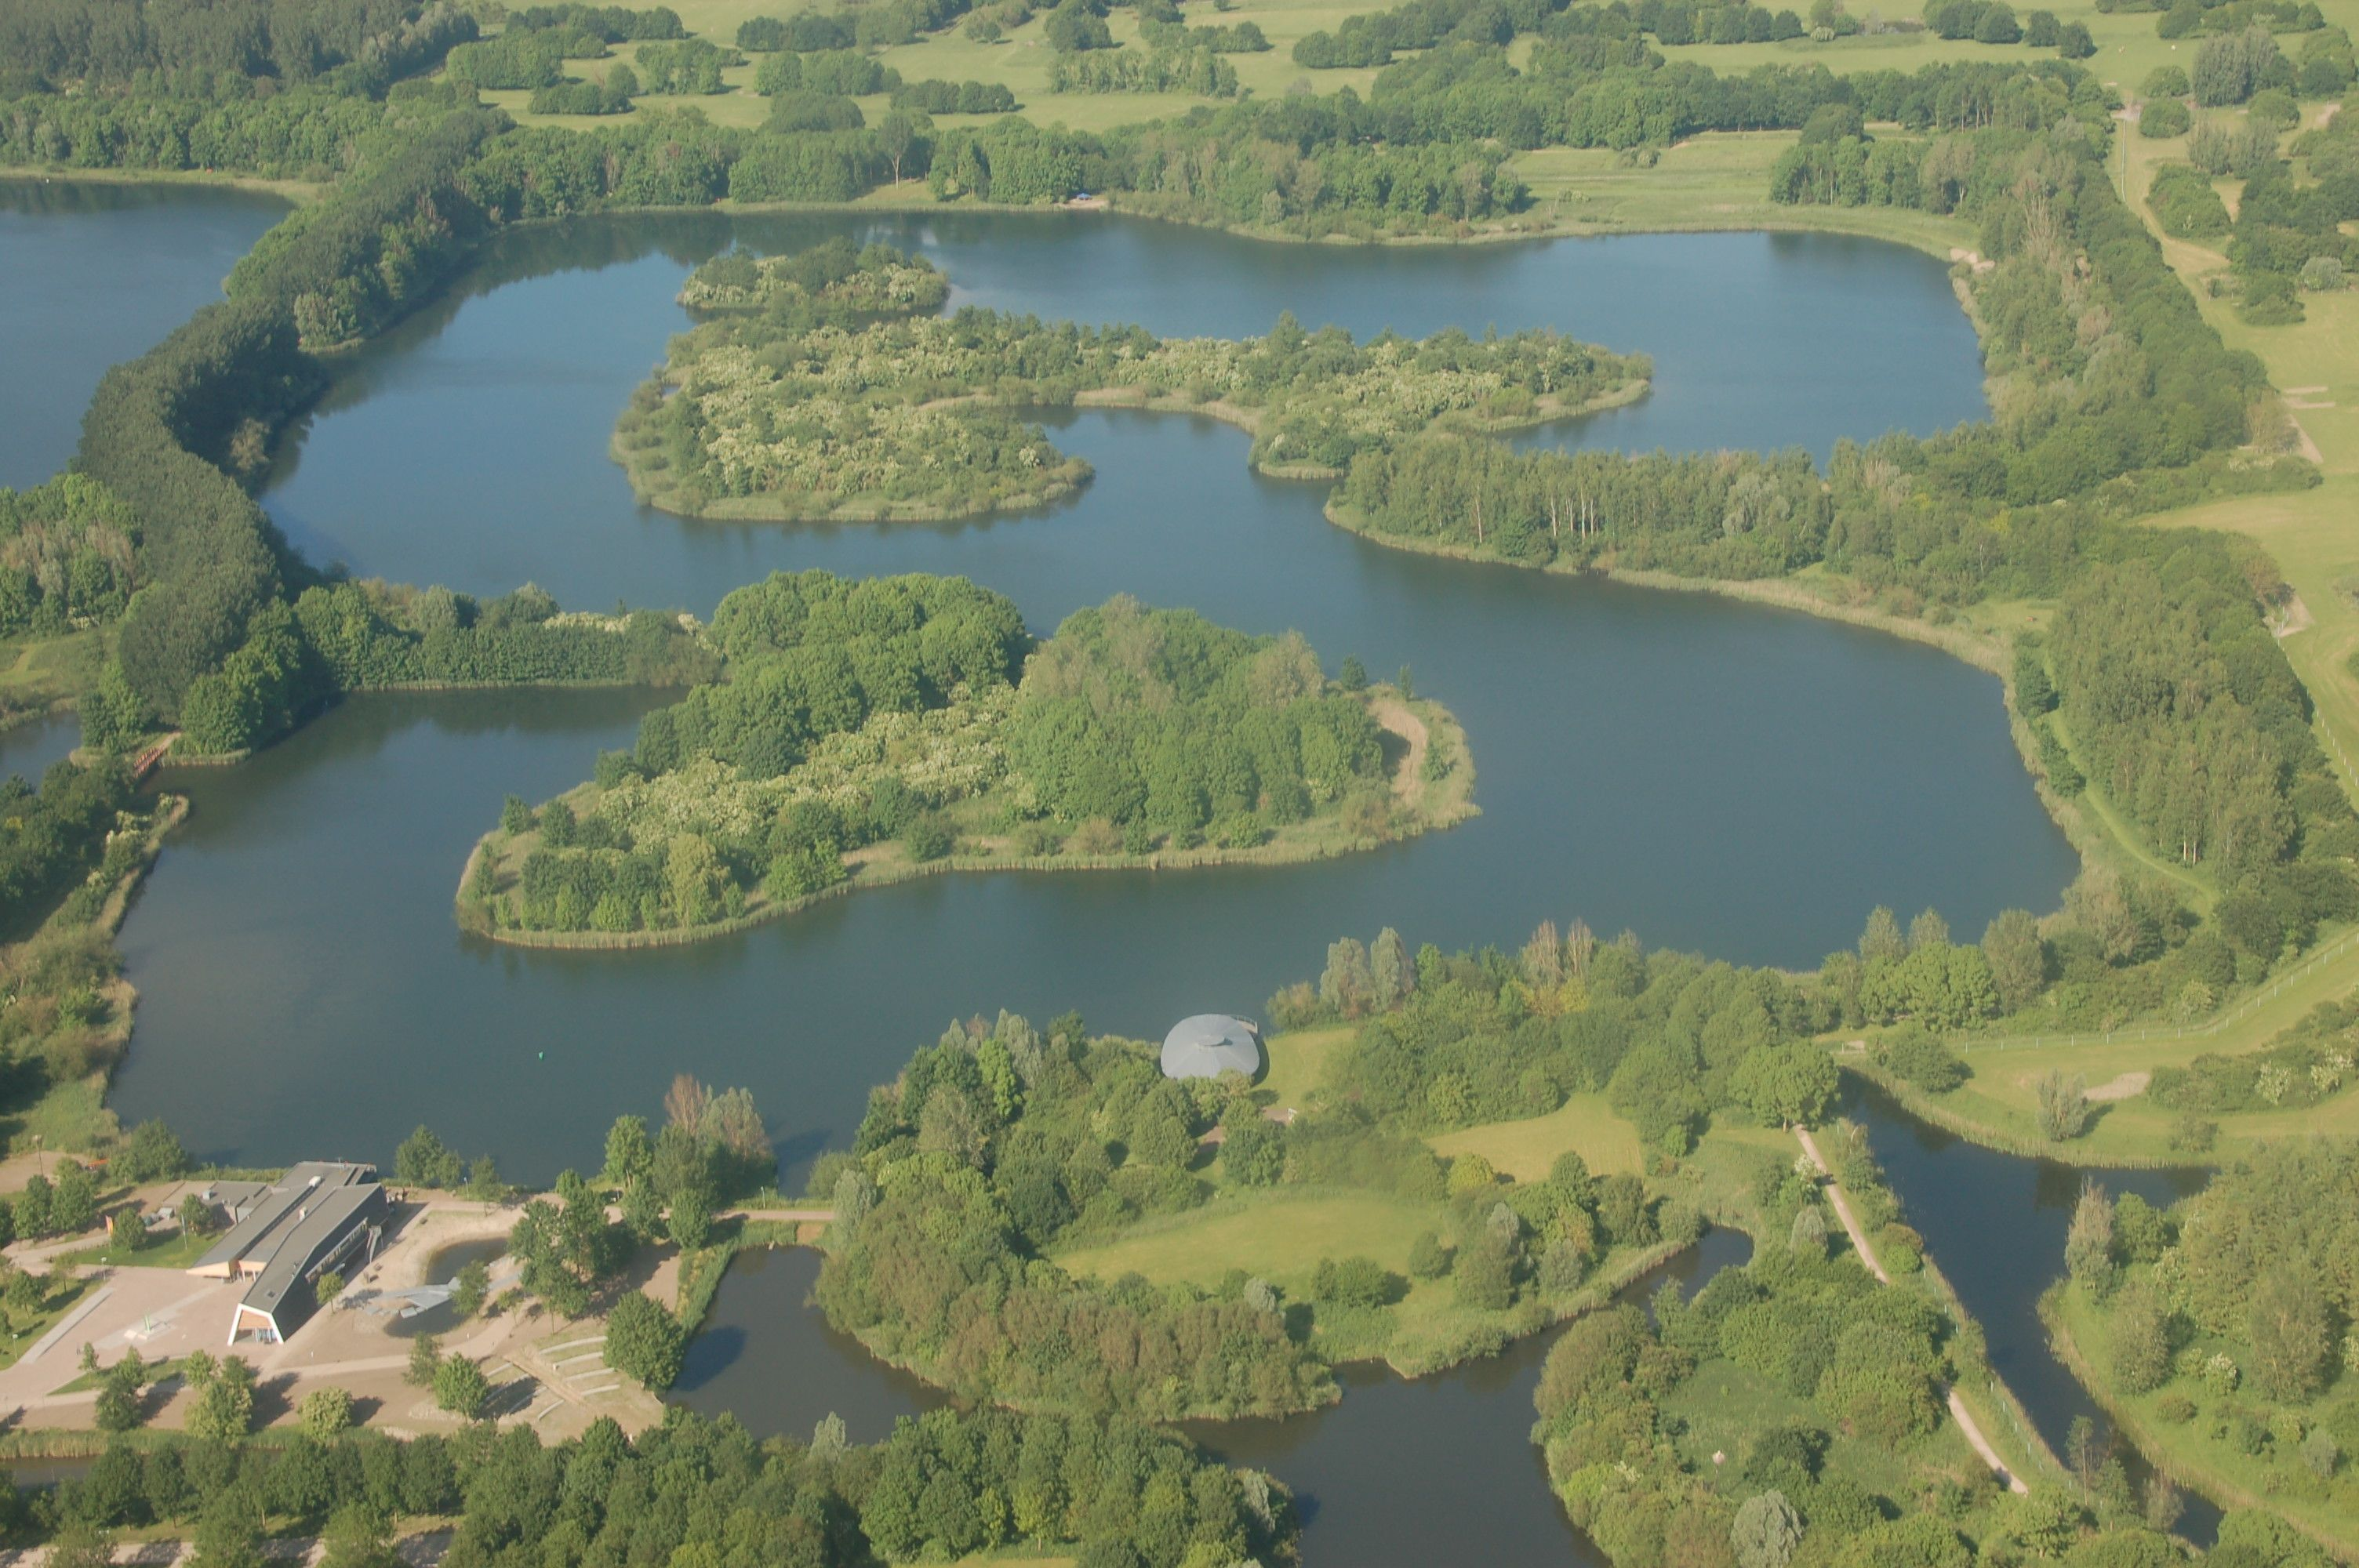 Das Naturschutzgebiet Oostvaardersplassen ist eher ein Unfall: Es ist entstanden, weil der Boden zum Bauen zu sumpfig war